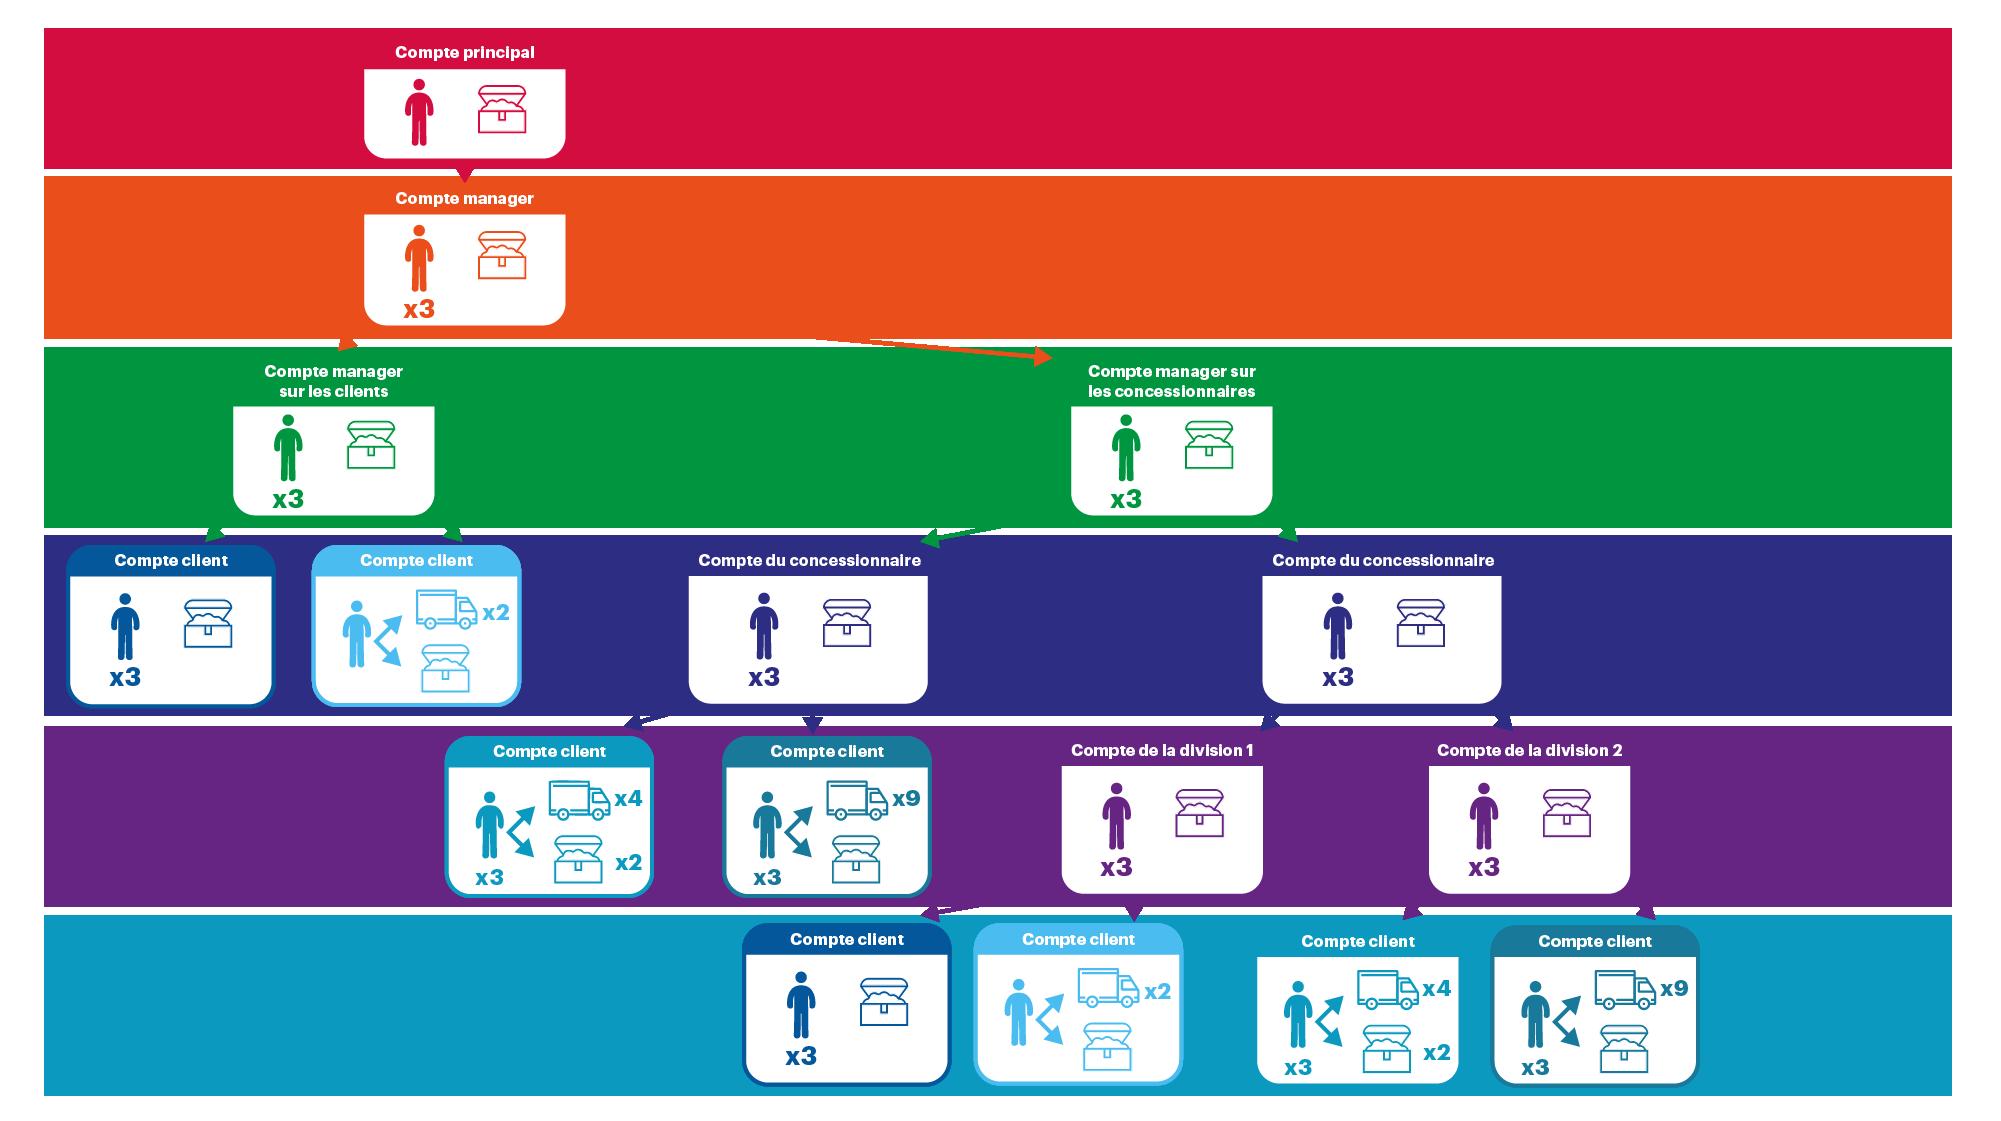 un vaste système de concessionnaires, de succursales et de groupes de clients